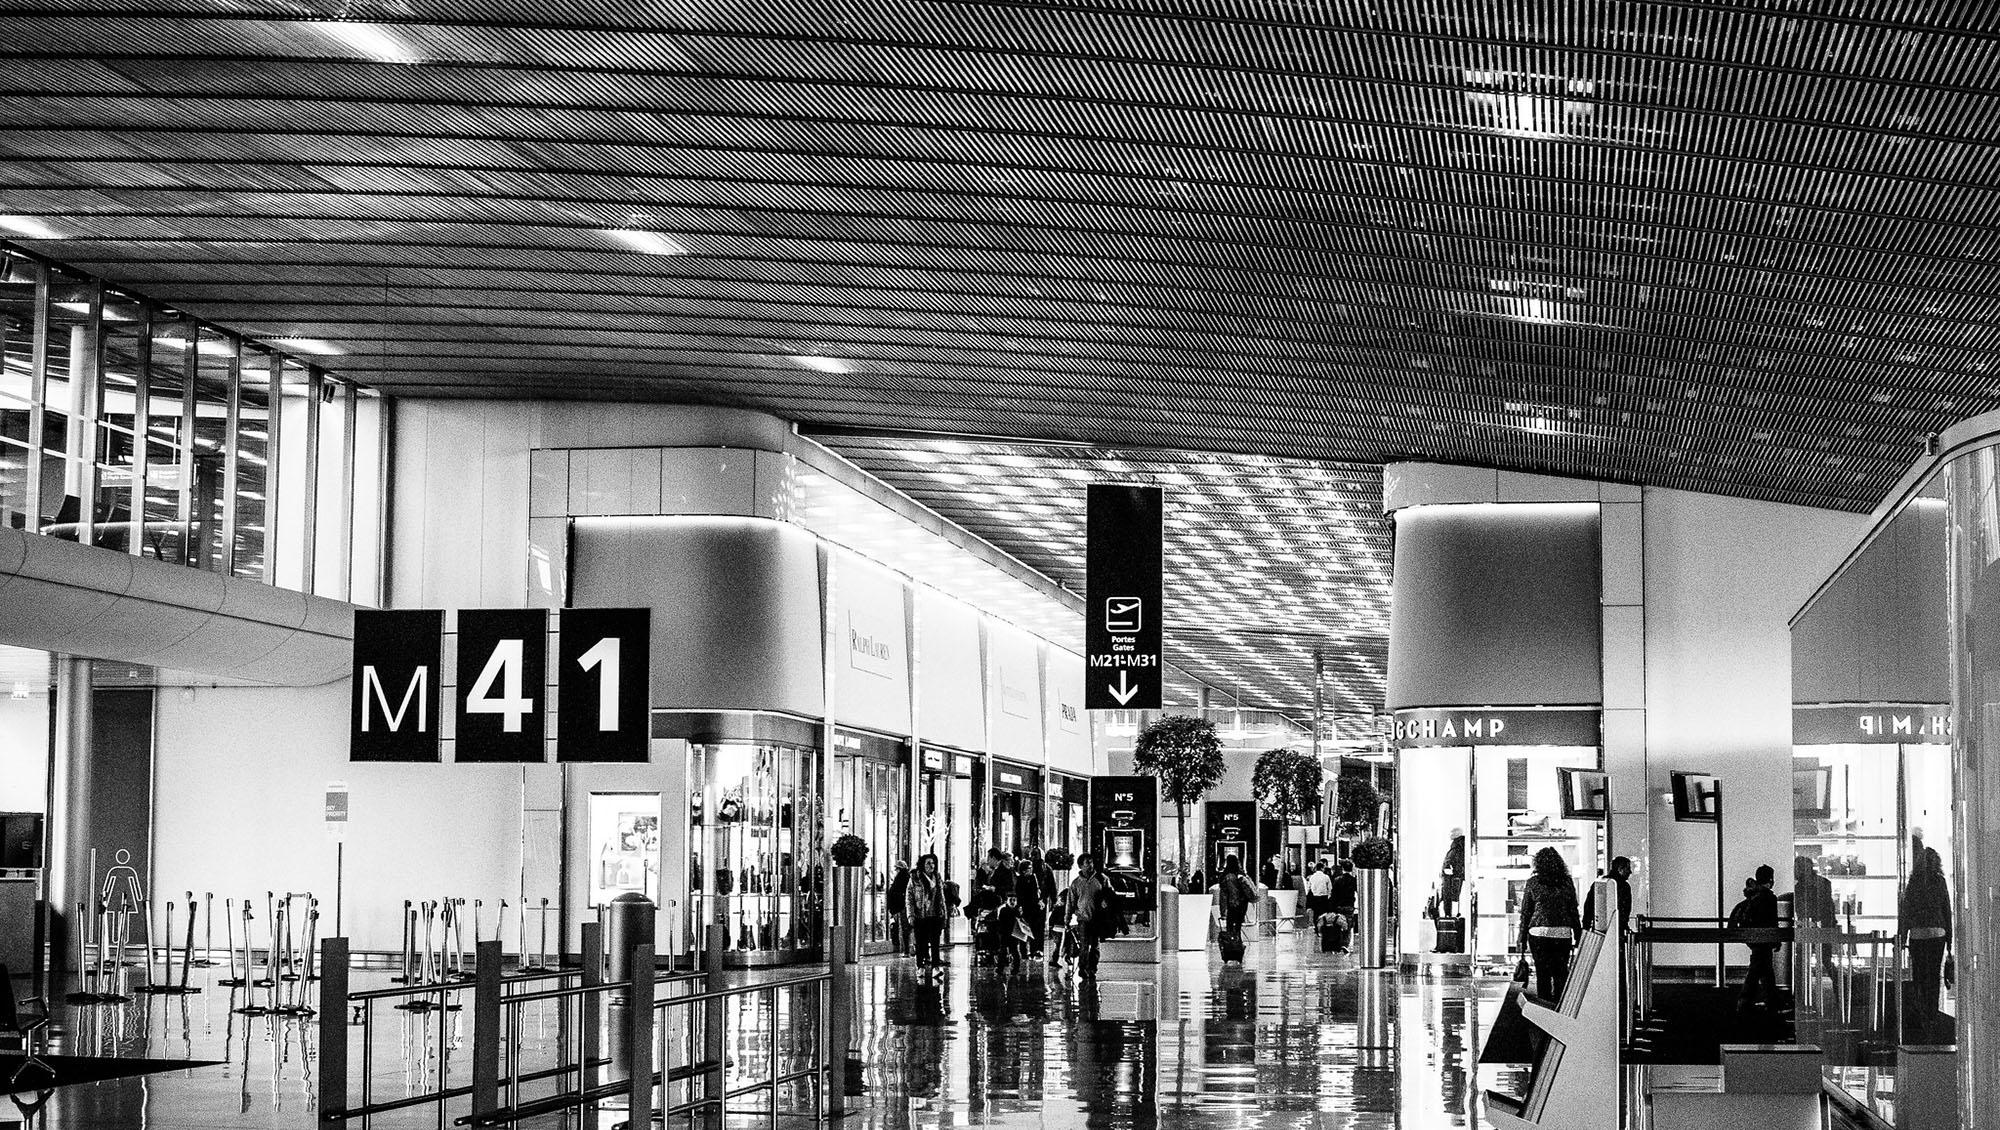 Rejoindre l'aéroport en voiture autonome ? C'est le défi de Renault et Google pour les Jeux Olympiques de Paris